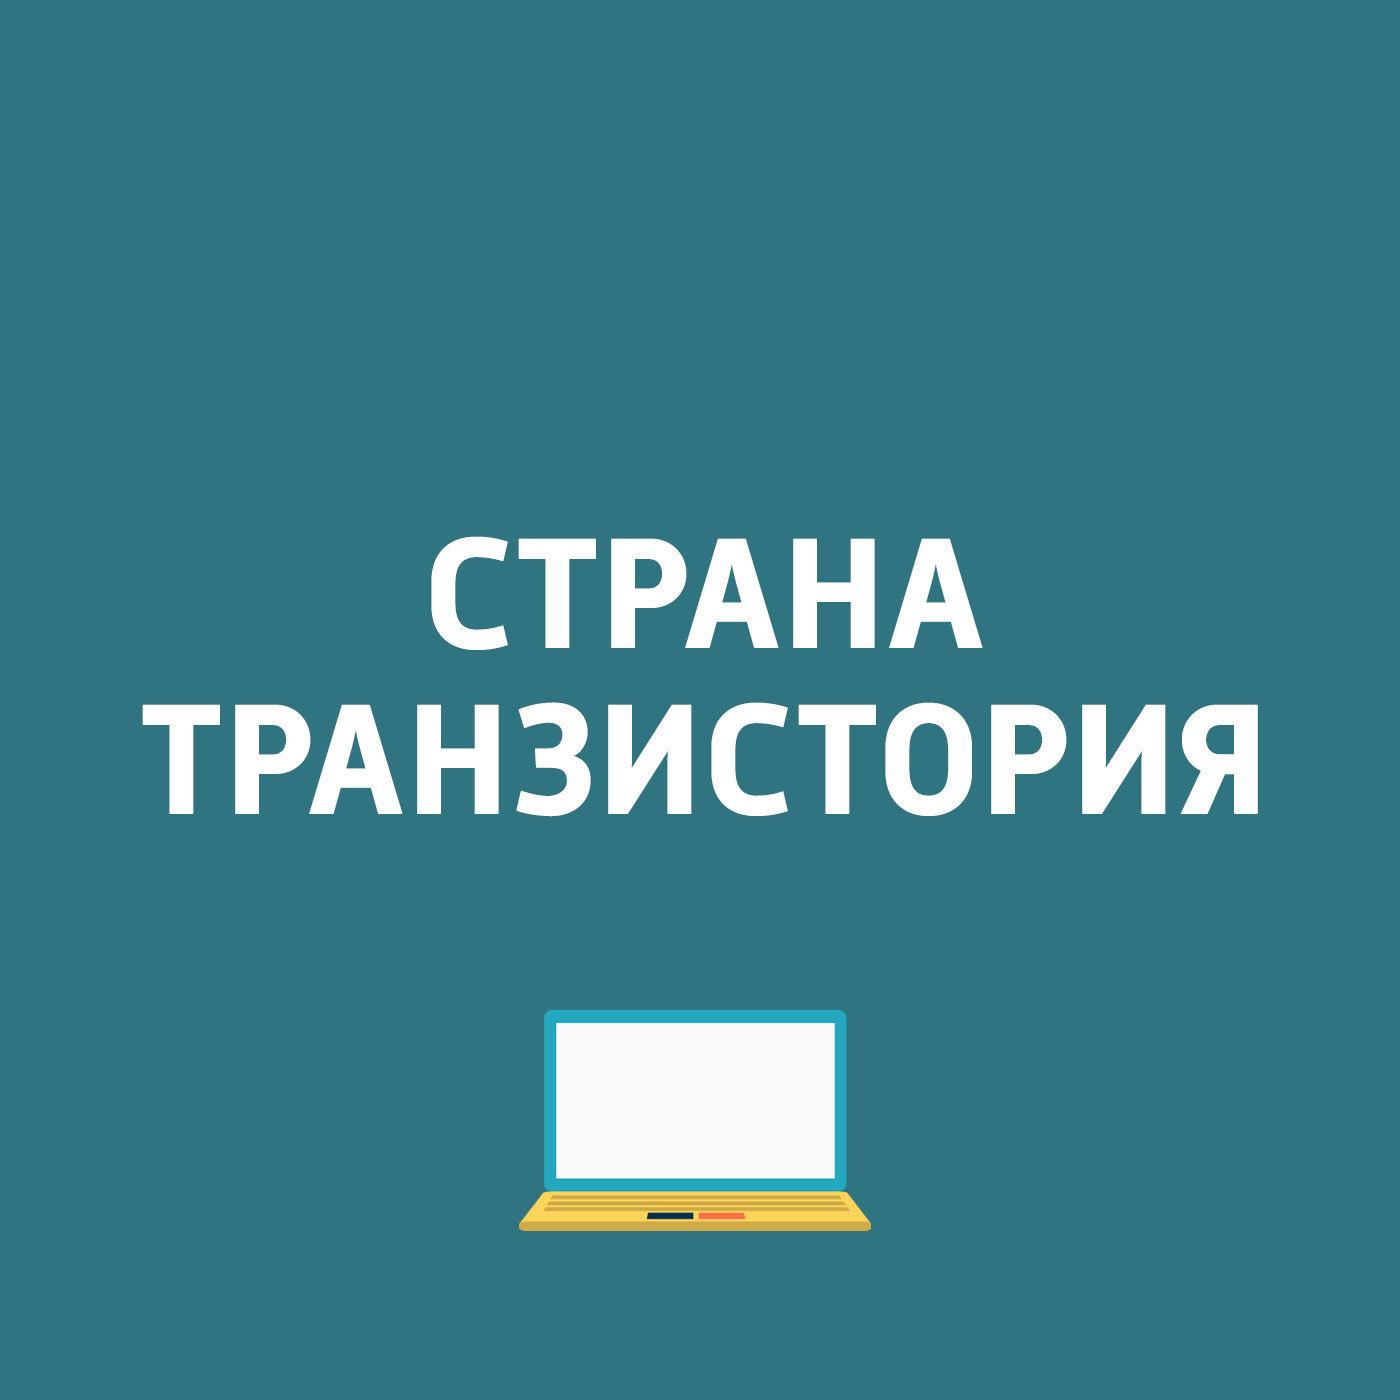 Картаев Павел Xiaomi представила два смартфона и пылесос картаев павел windows 10 april 2018 update доктор веб предупреждает о появлении в google play вируса